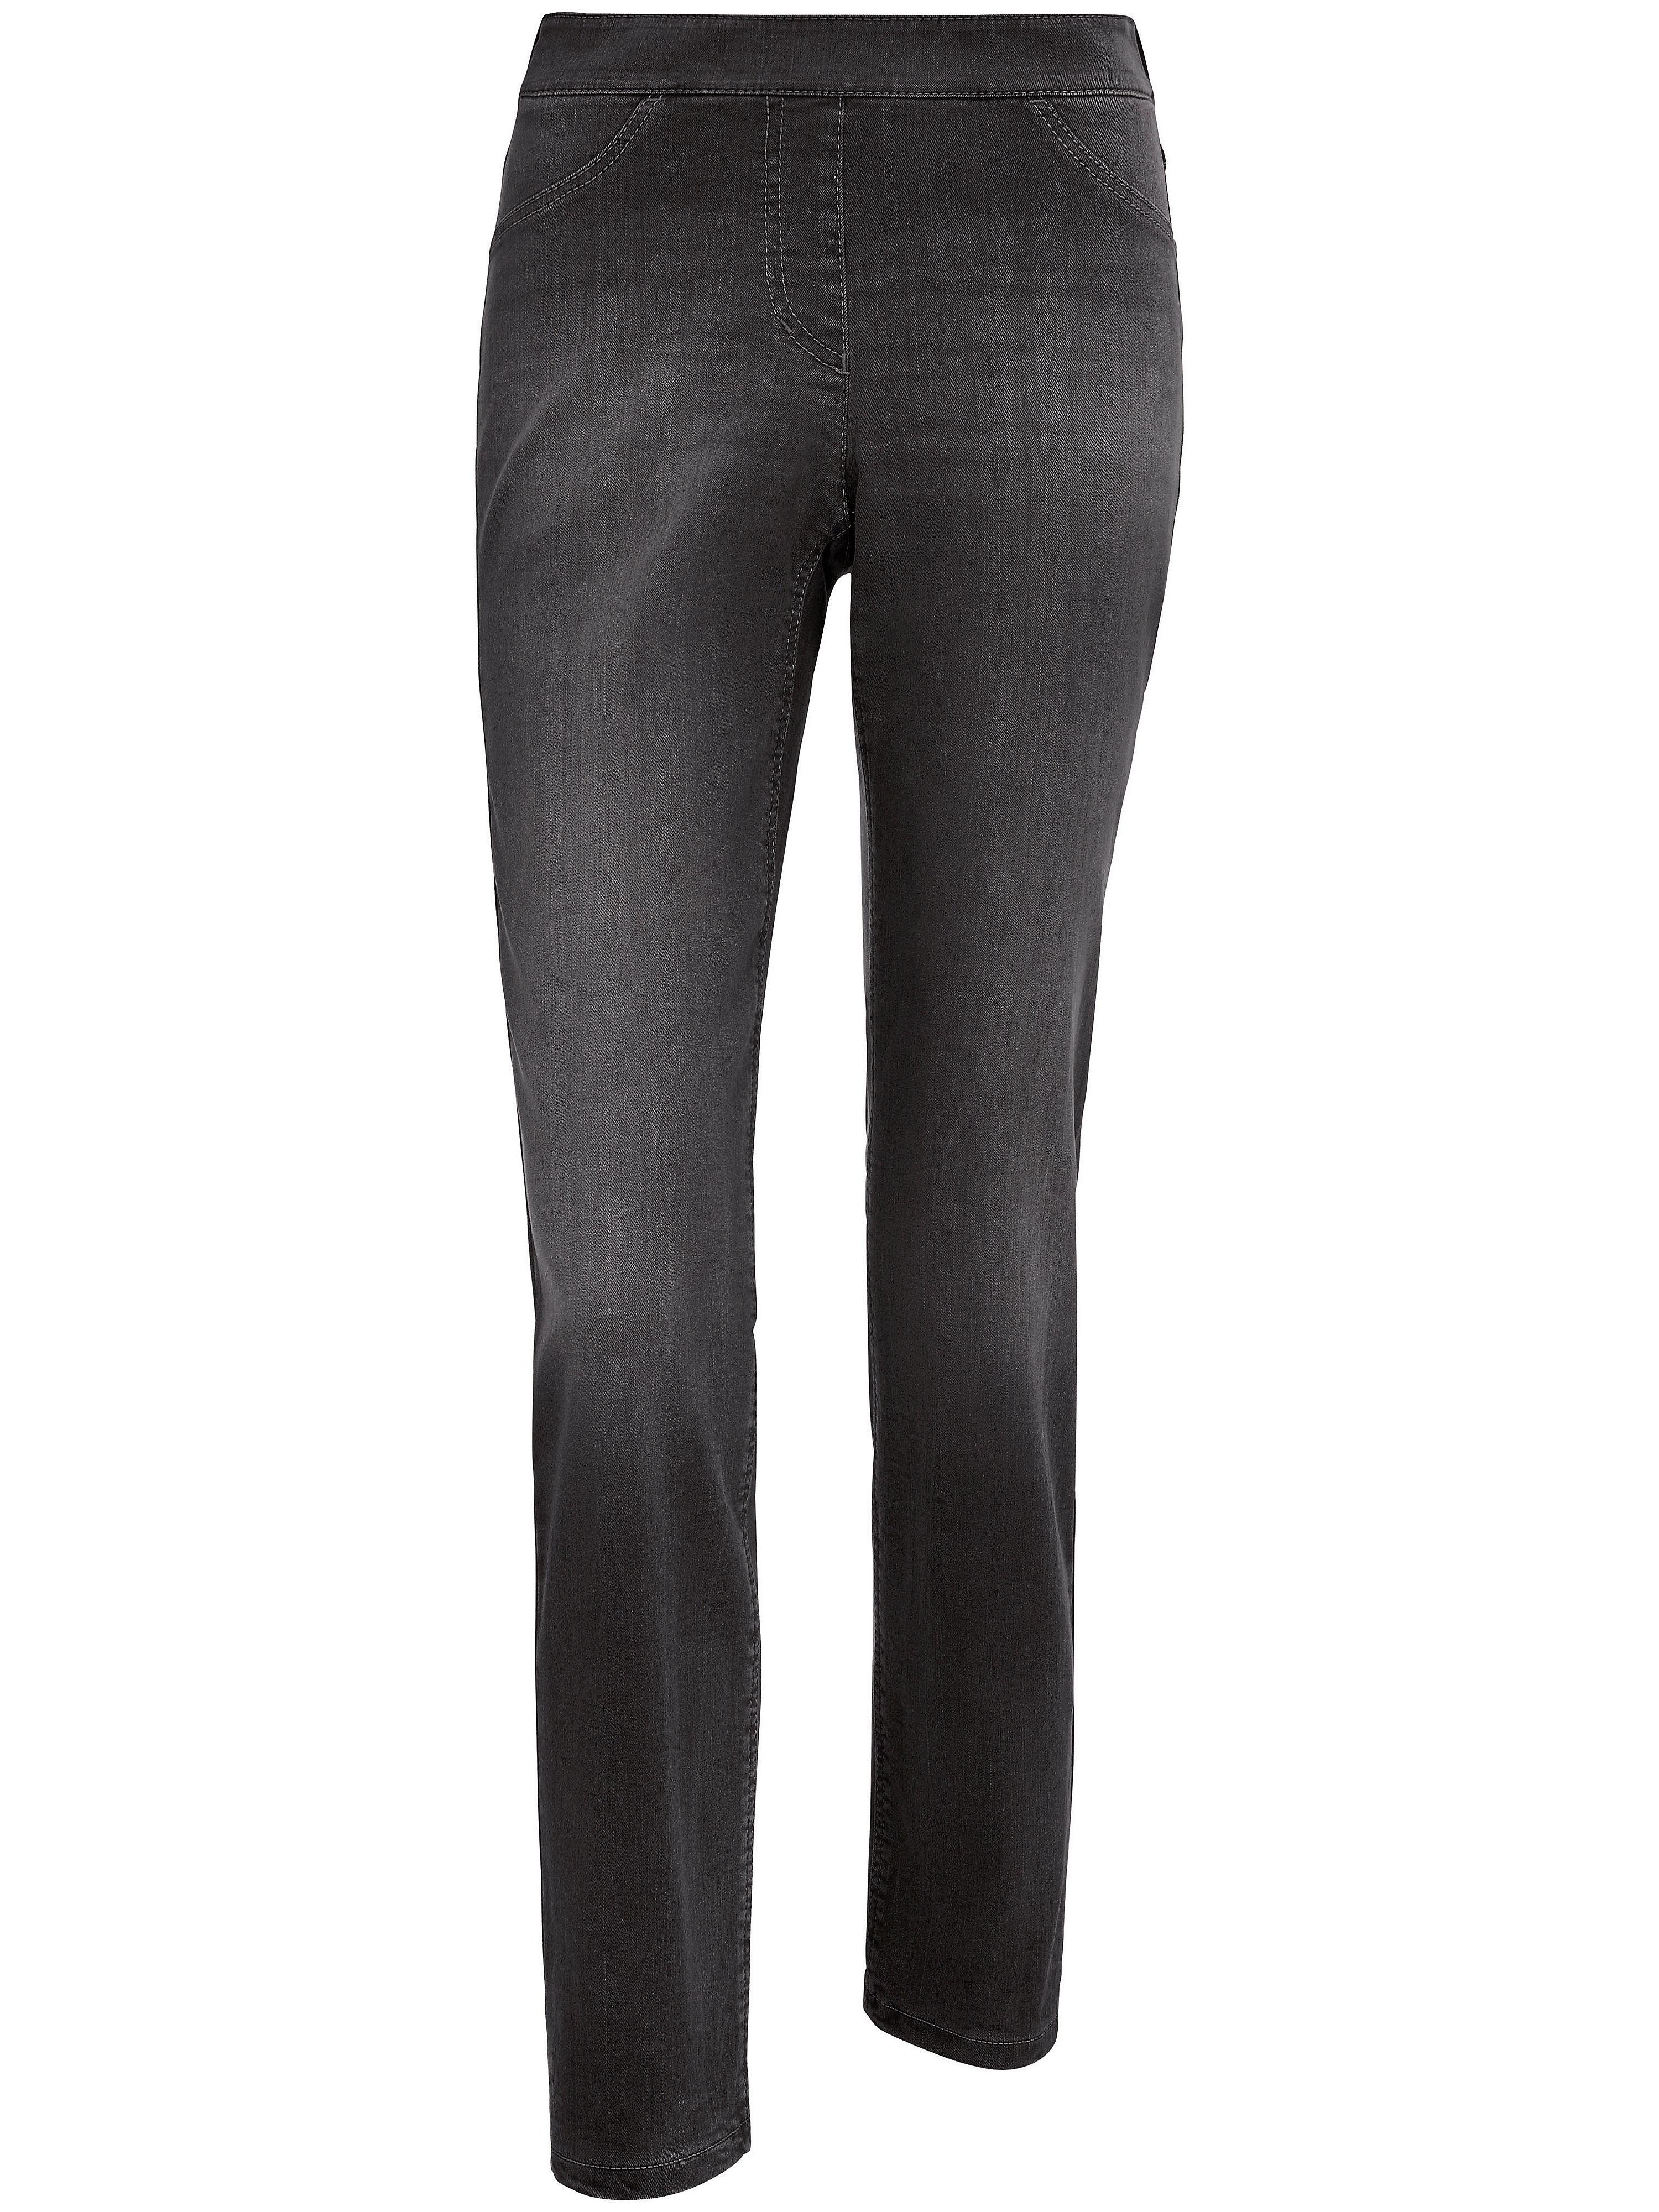 Image of   Ankellange jeans Fra Gerry Weber Edition brun